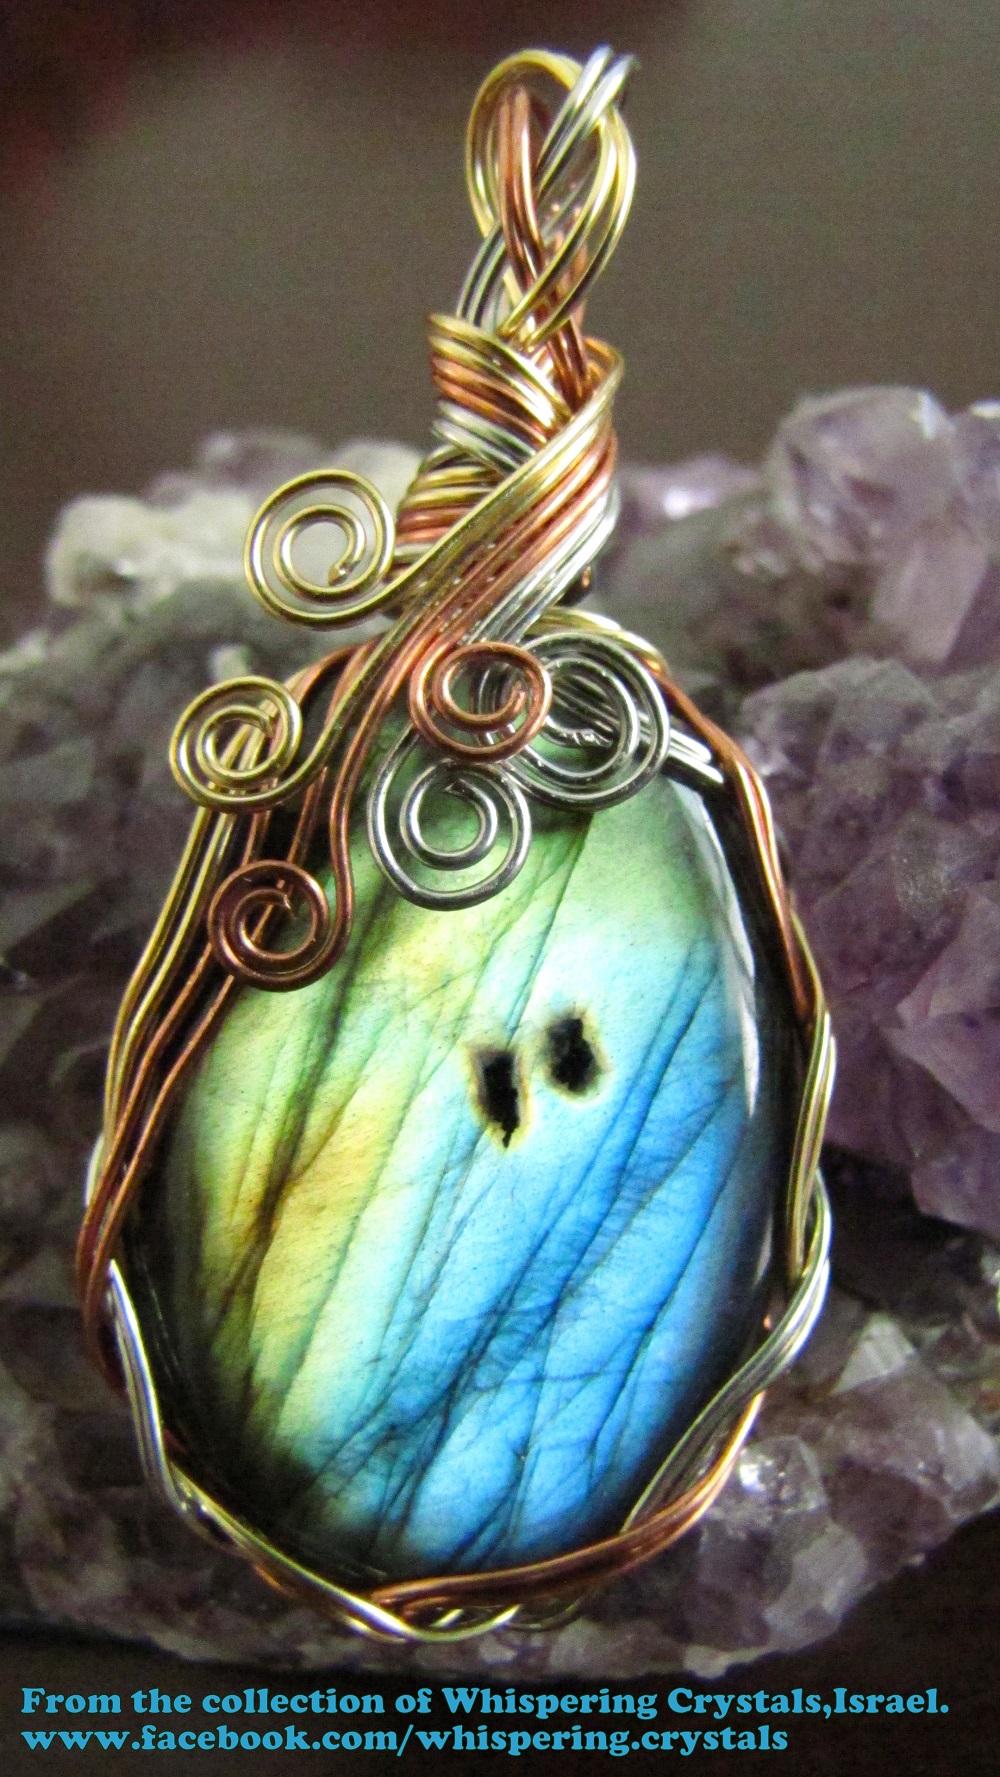 לברדורייט מלוטשת משובצת בנחושת.מהאוסף של 'וויספרינג קריסטלס' www.facebook.com/whispering.crystals